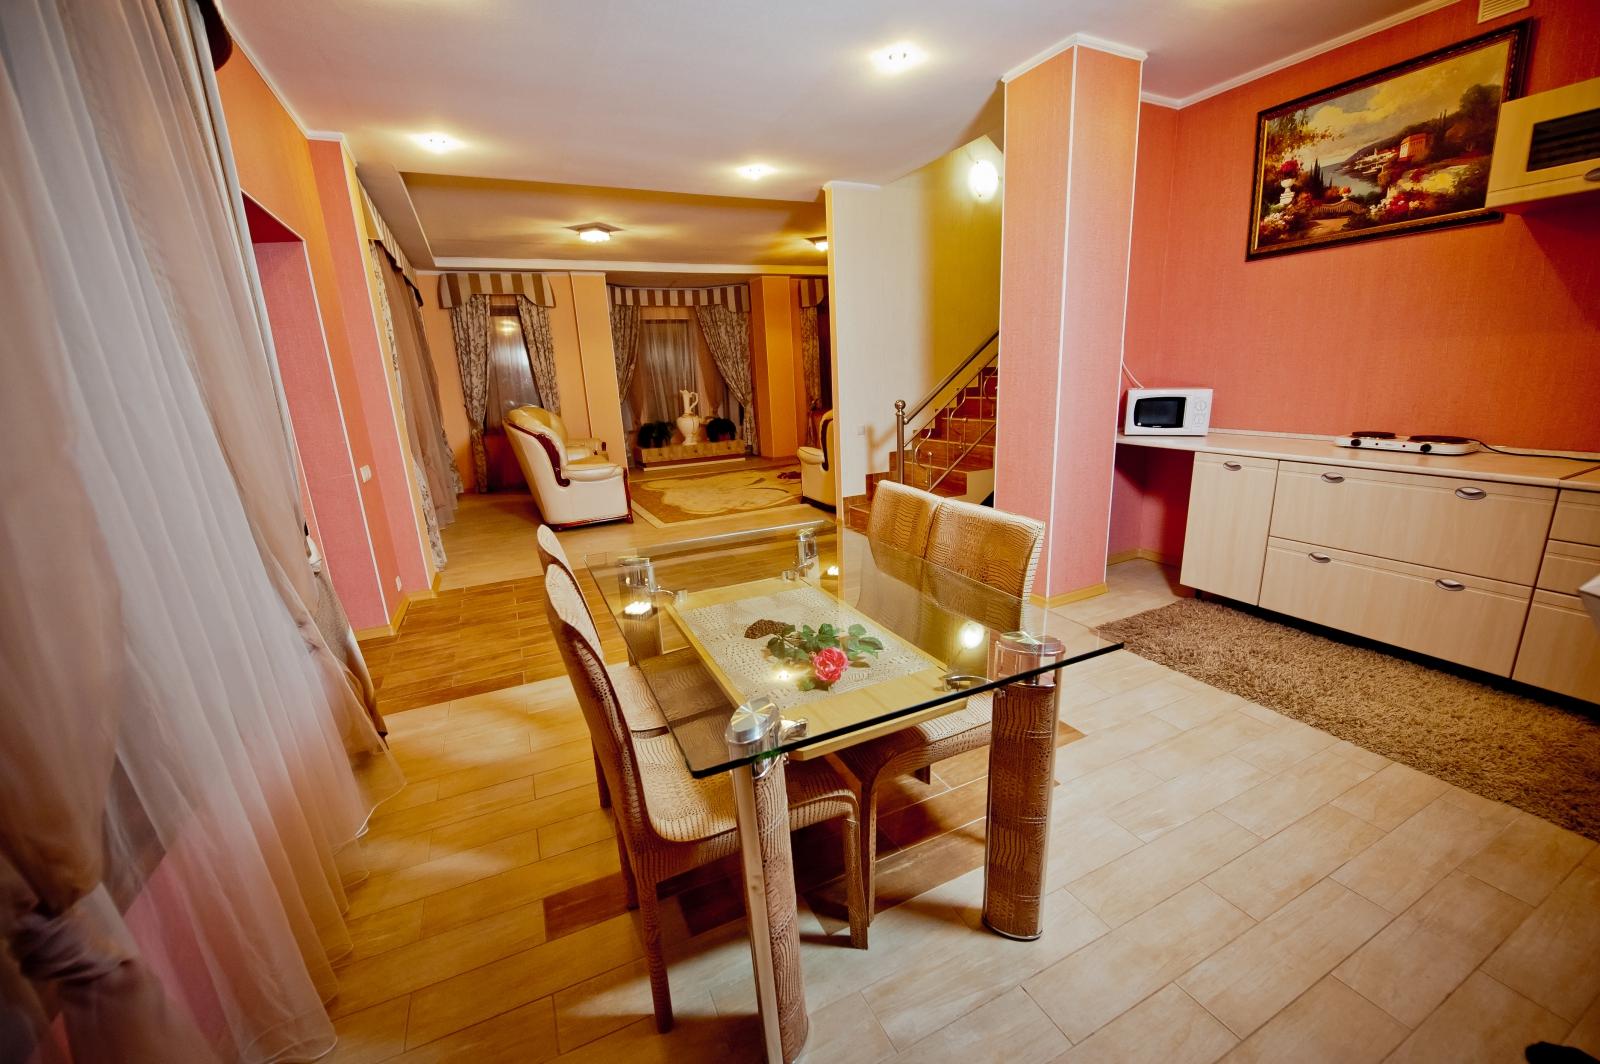 Rental cottages in Cervo